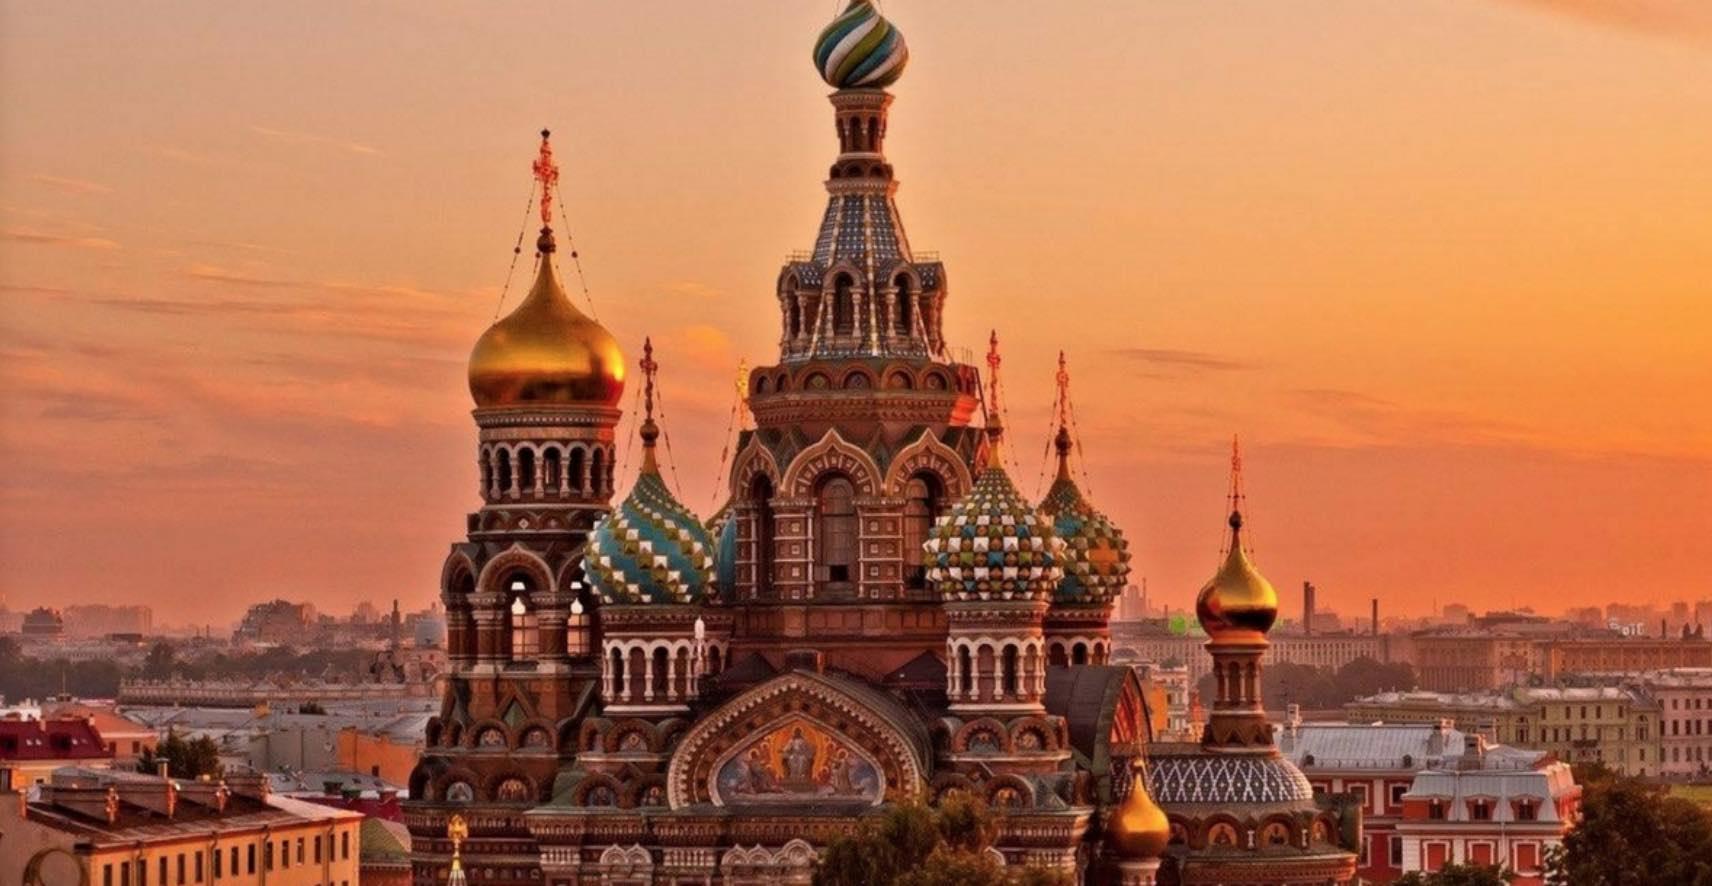 Hacer un FreeTour para descubrir las maravillas de San Petesburgo